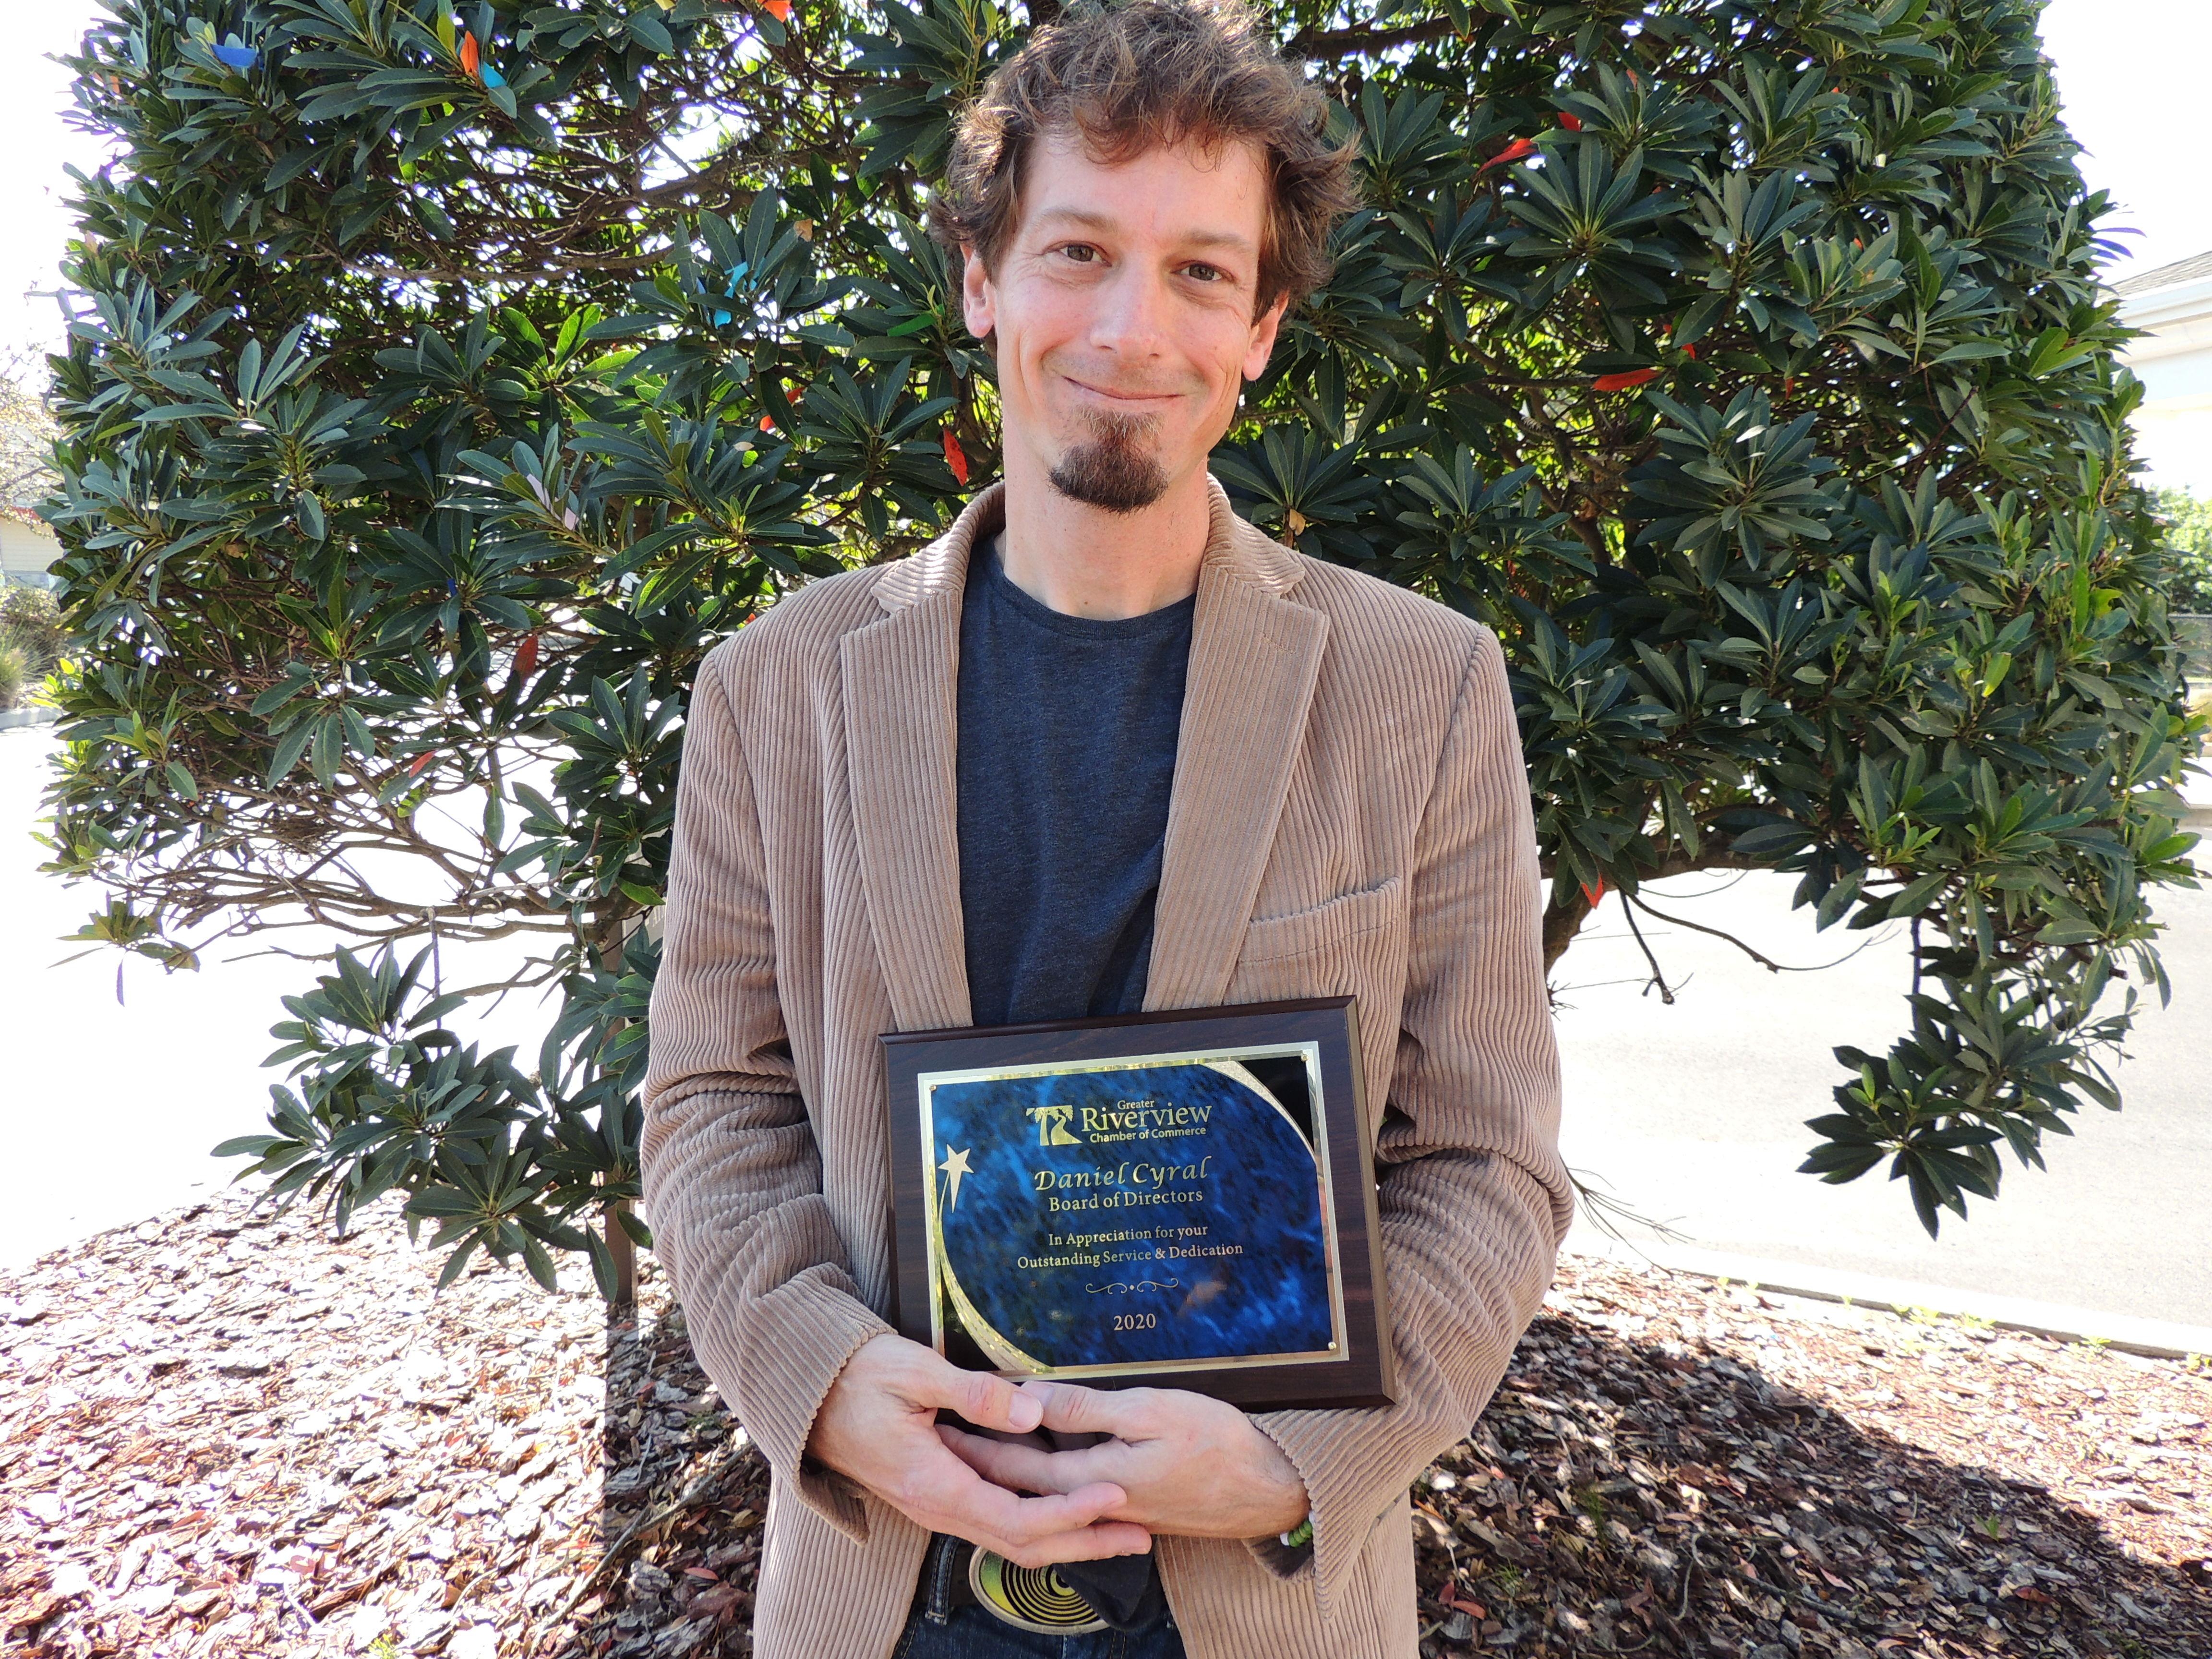 Daniel-BOD-Award.JPG